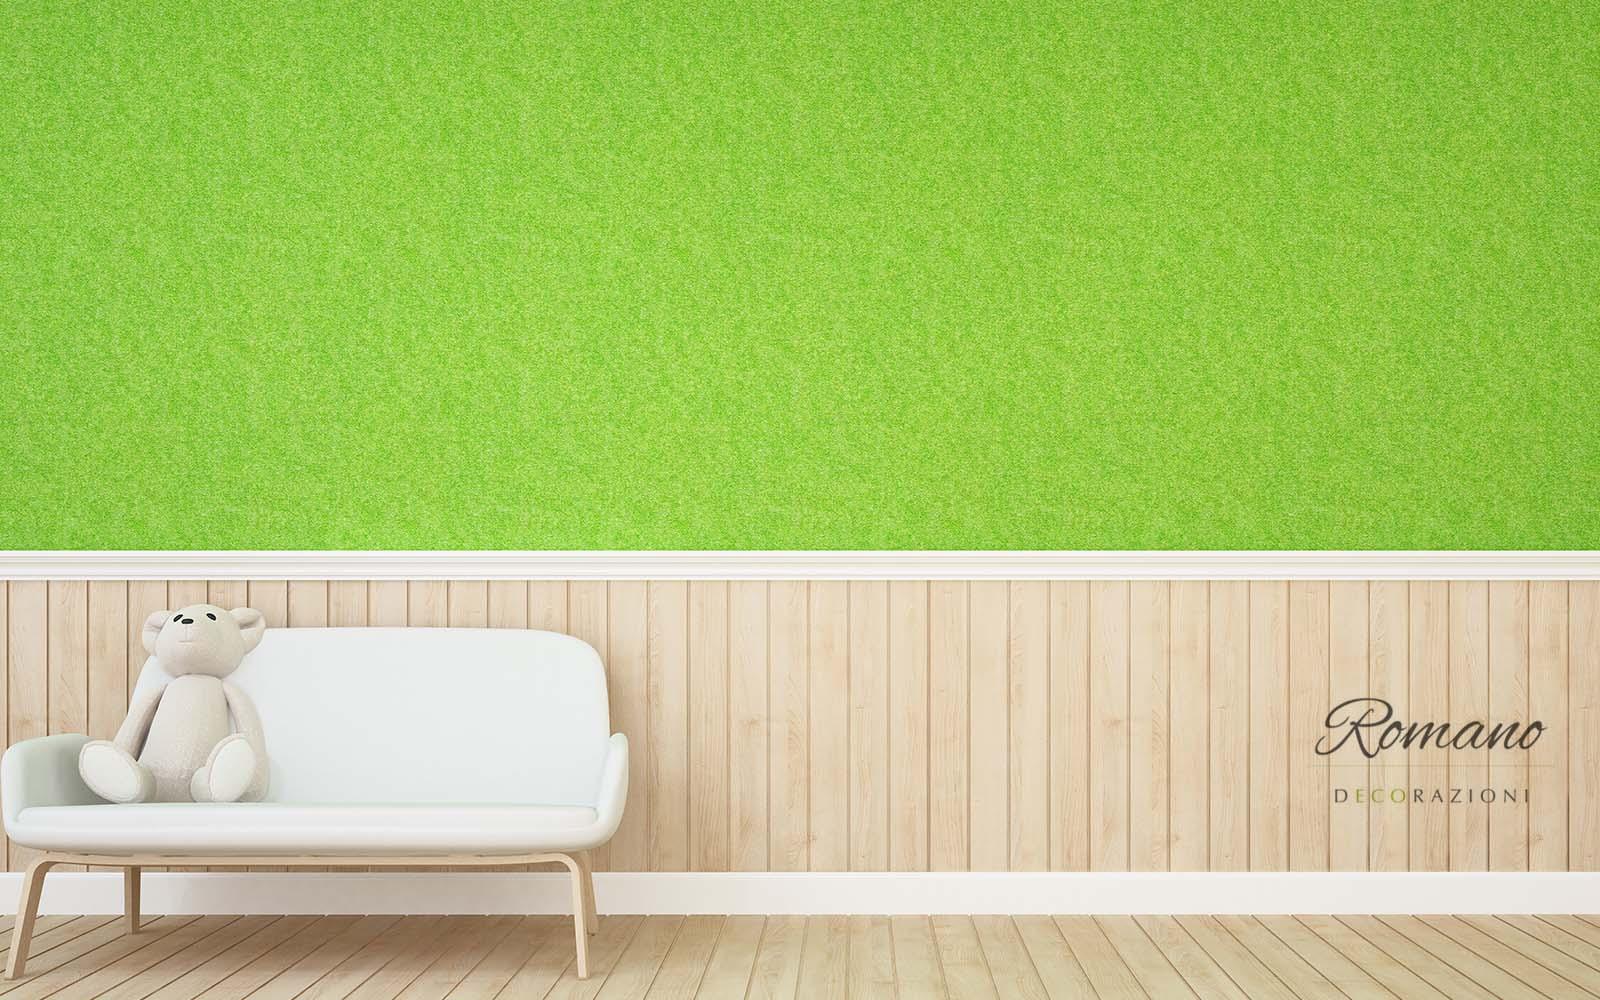 Parete di colore verde lima,  parte inferiore di lamelle di legno chiaro, sofà bianco,  orsacchiotto